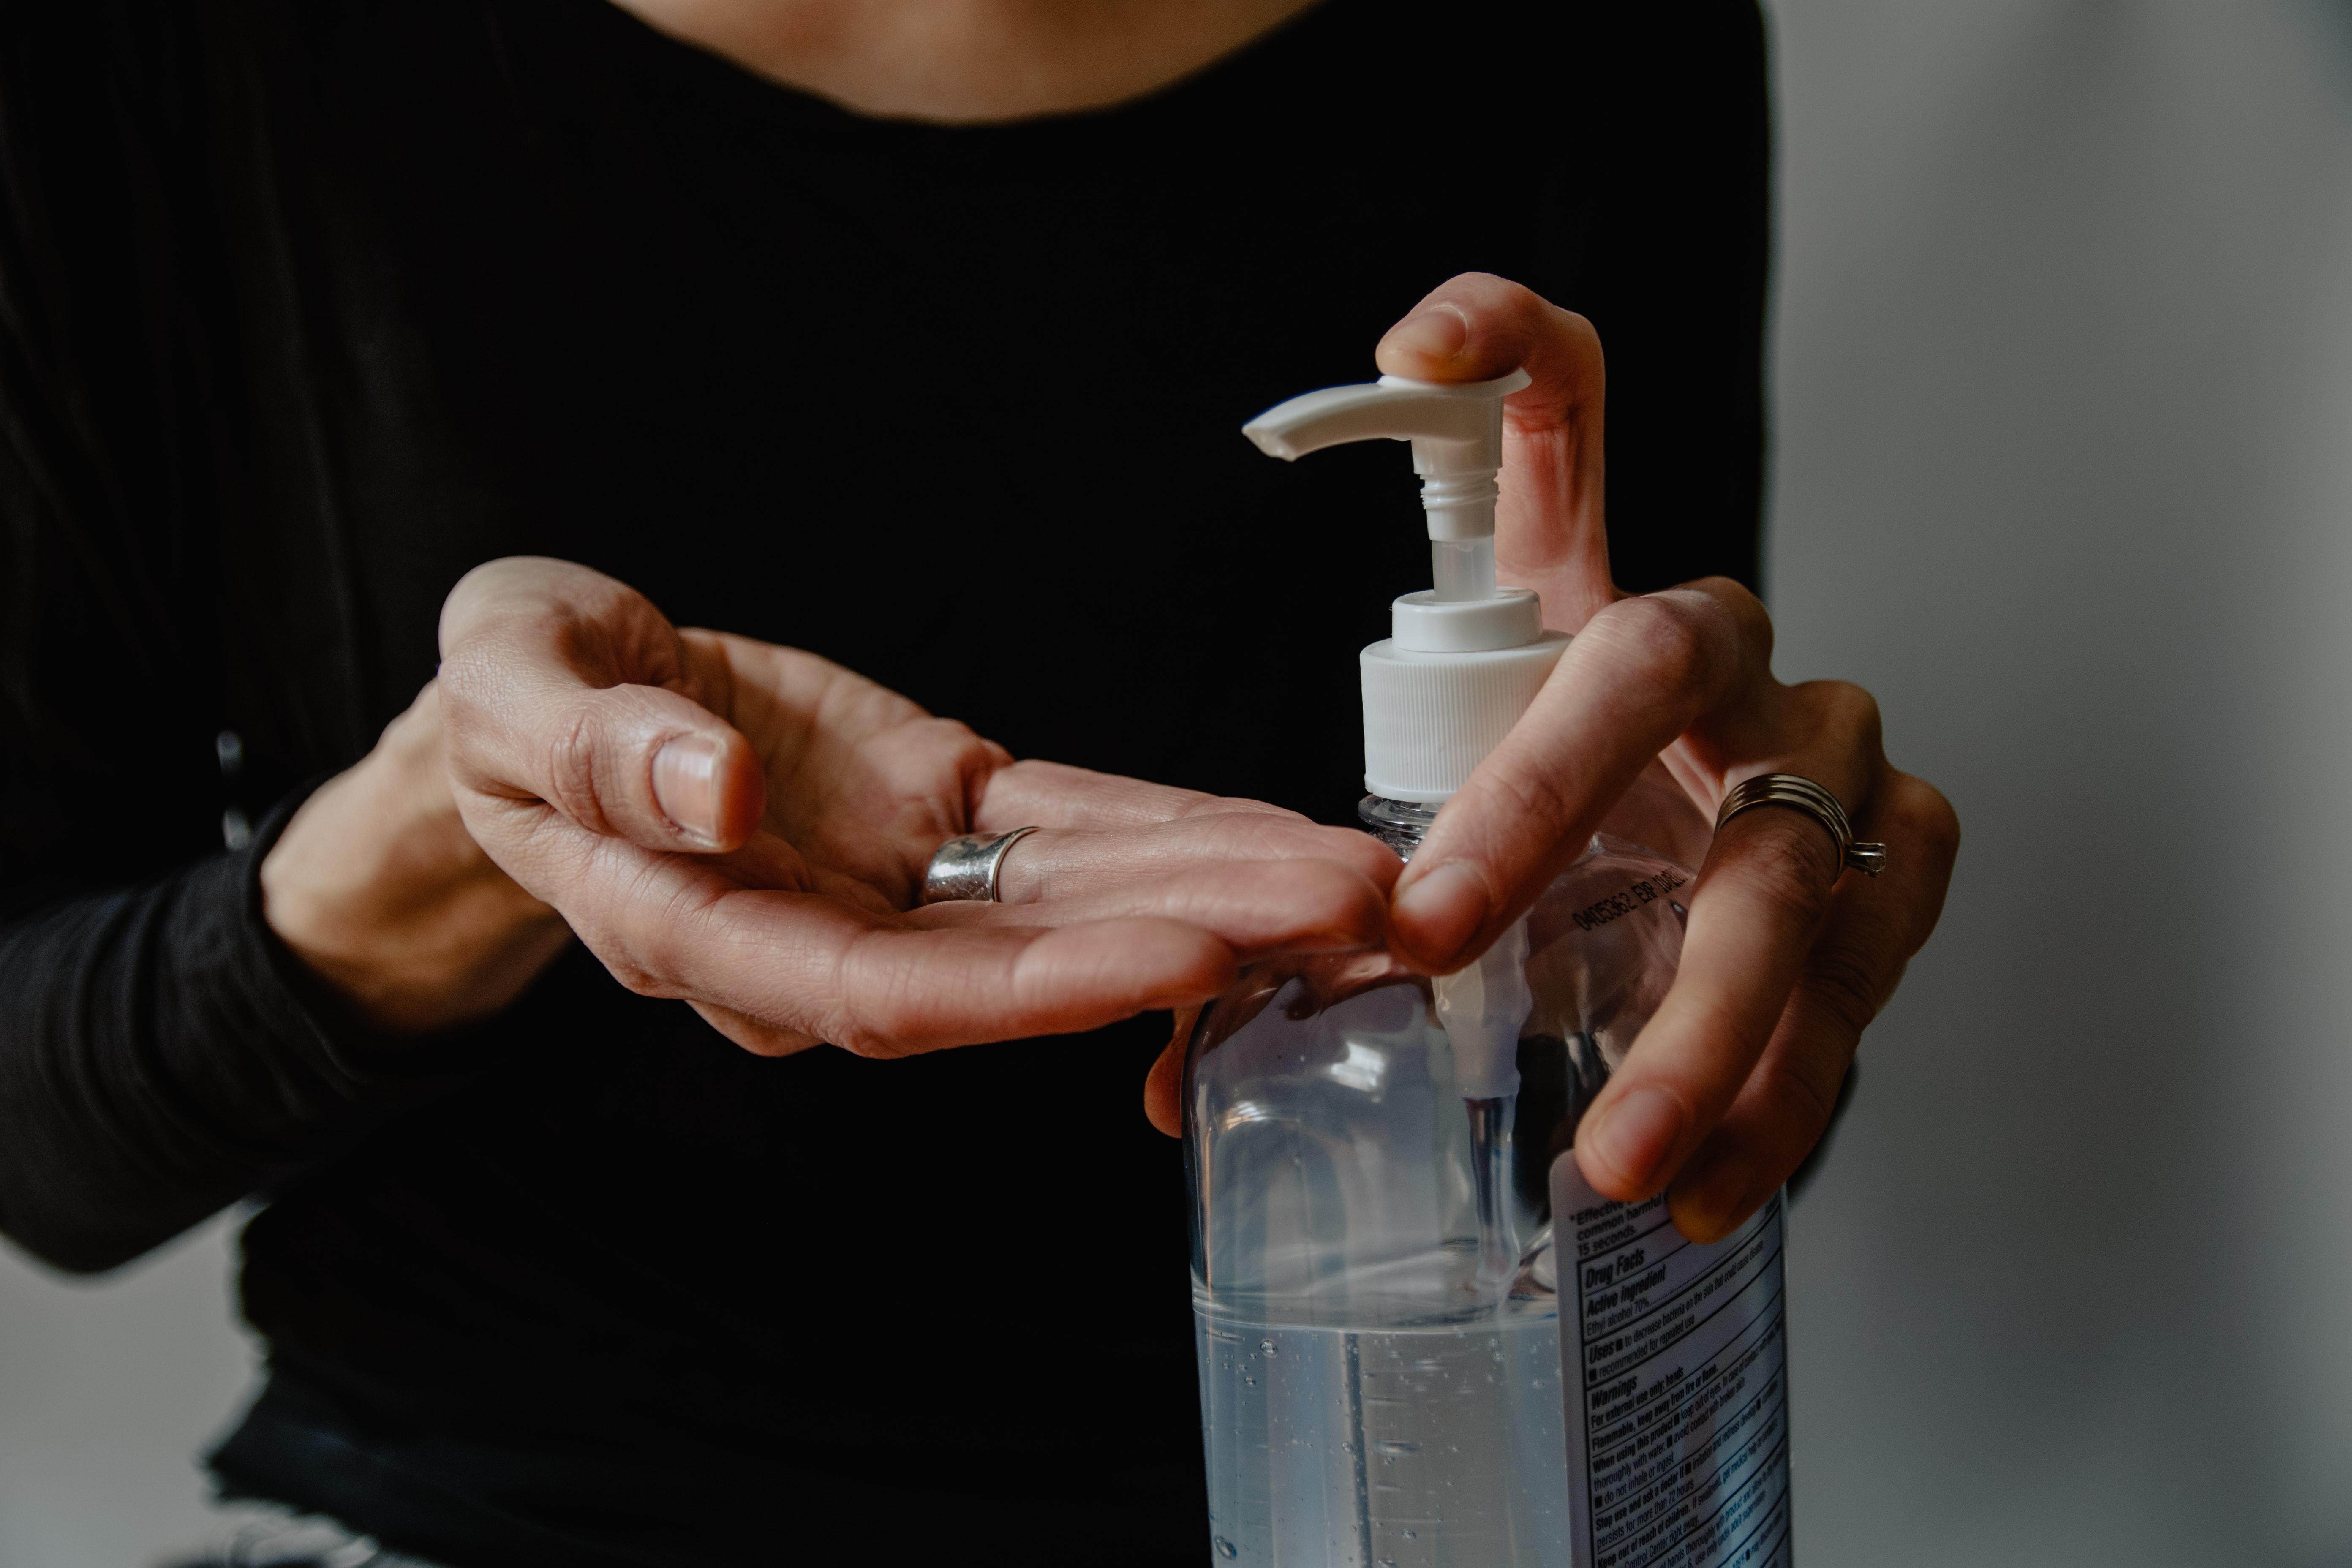 rửa tay mùa đại dịch COVID-19